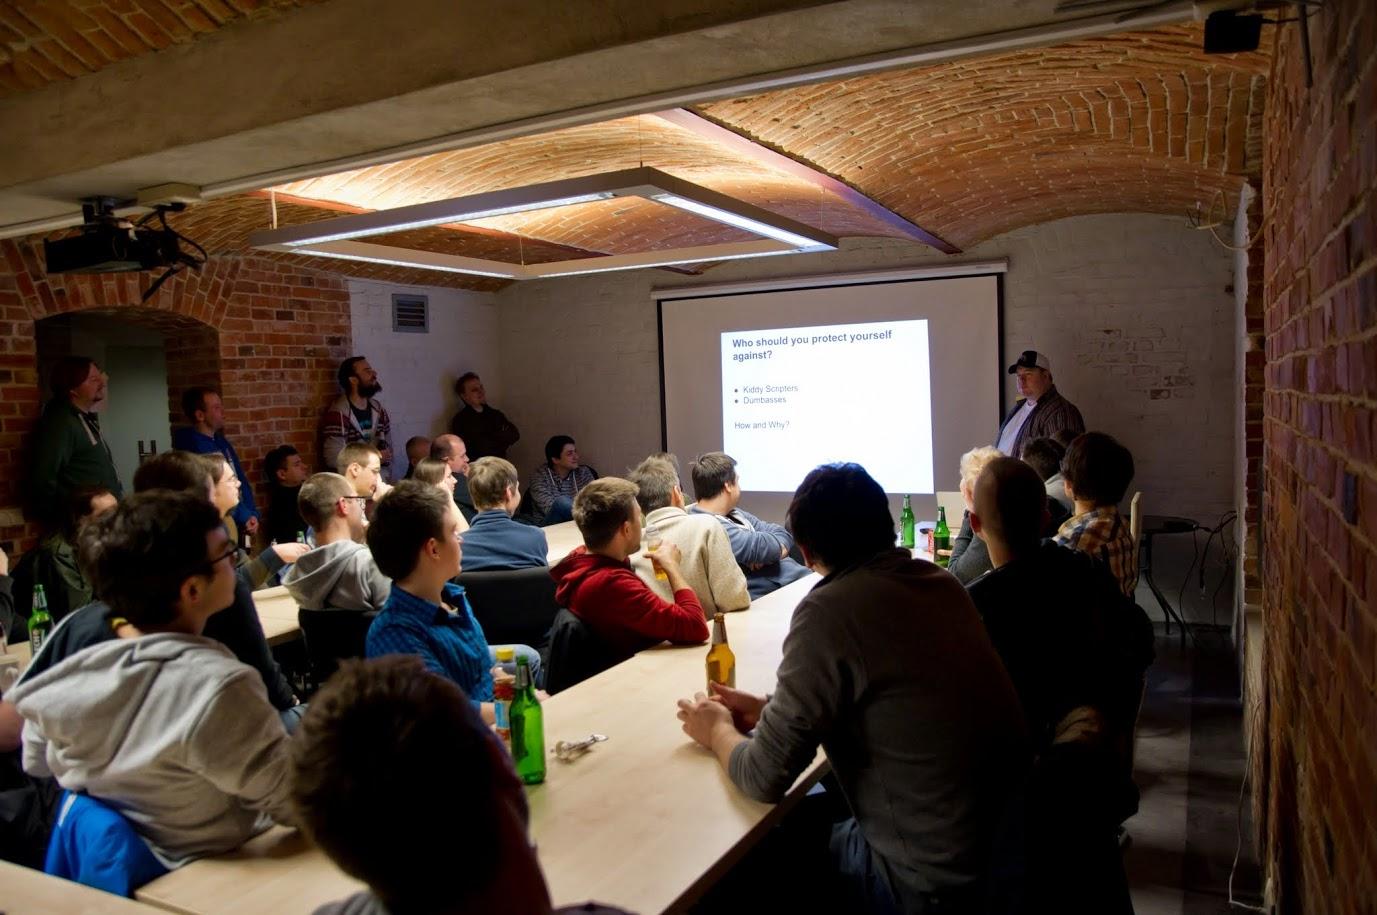 Uszanowanko Programowanko pierwszy meetup Gliwice